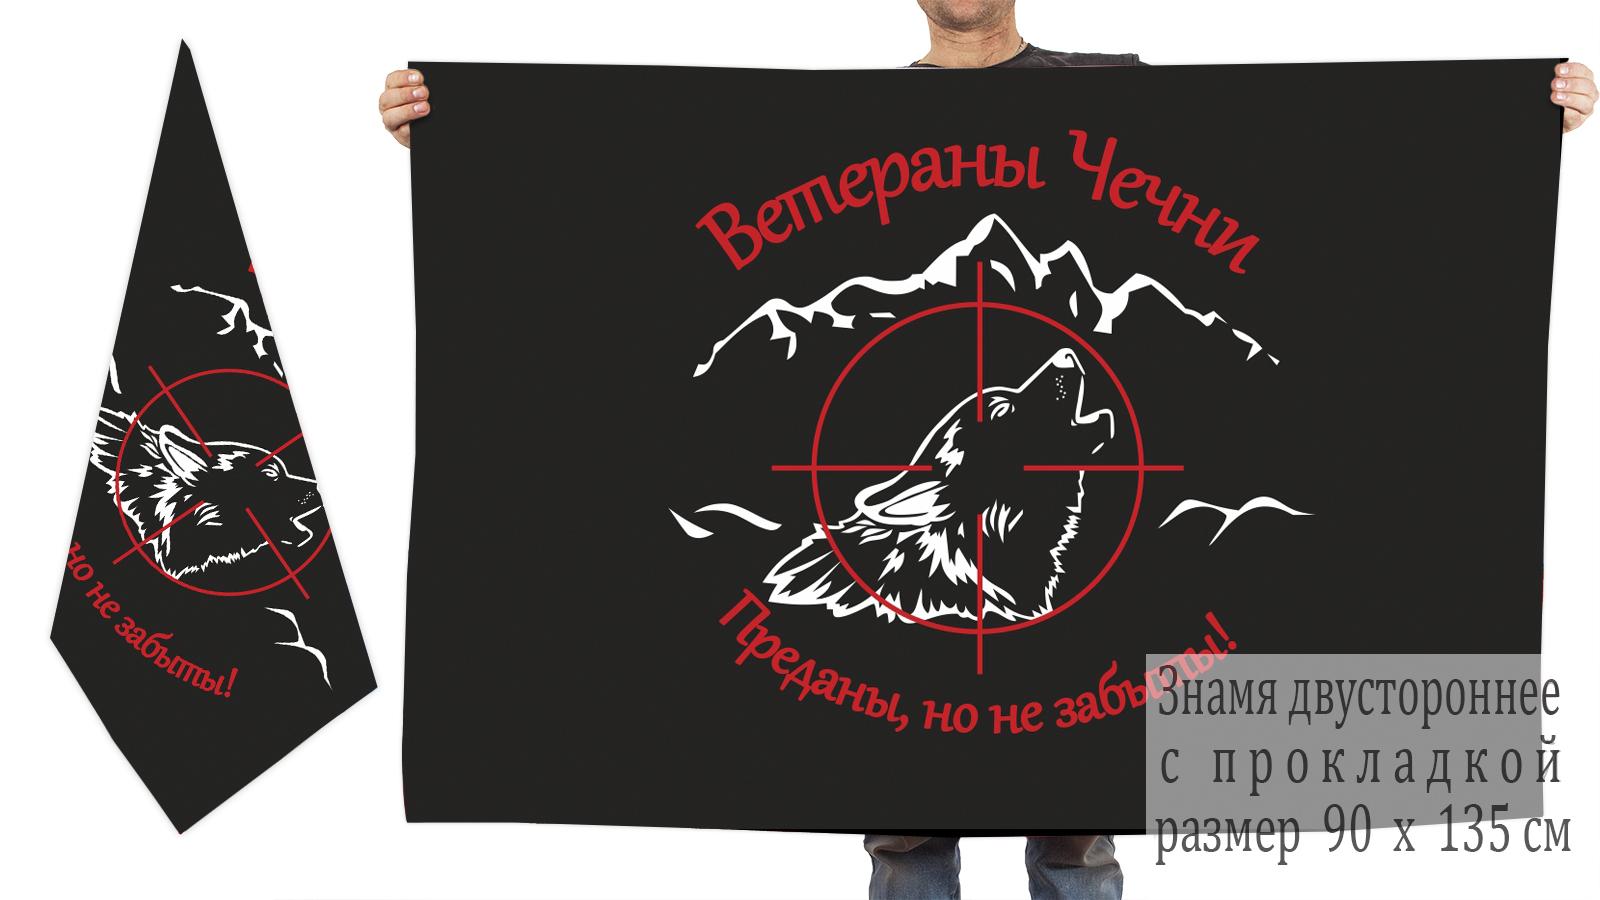 """Флаг Ветеранов Чечни """"Преданы, но не забыты!"""""""